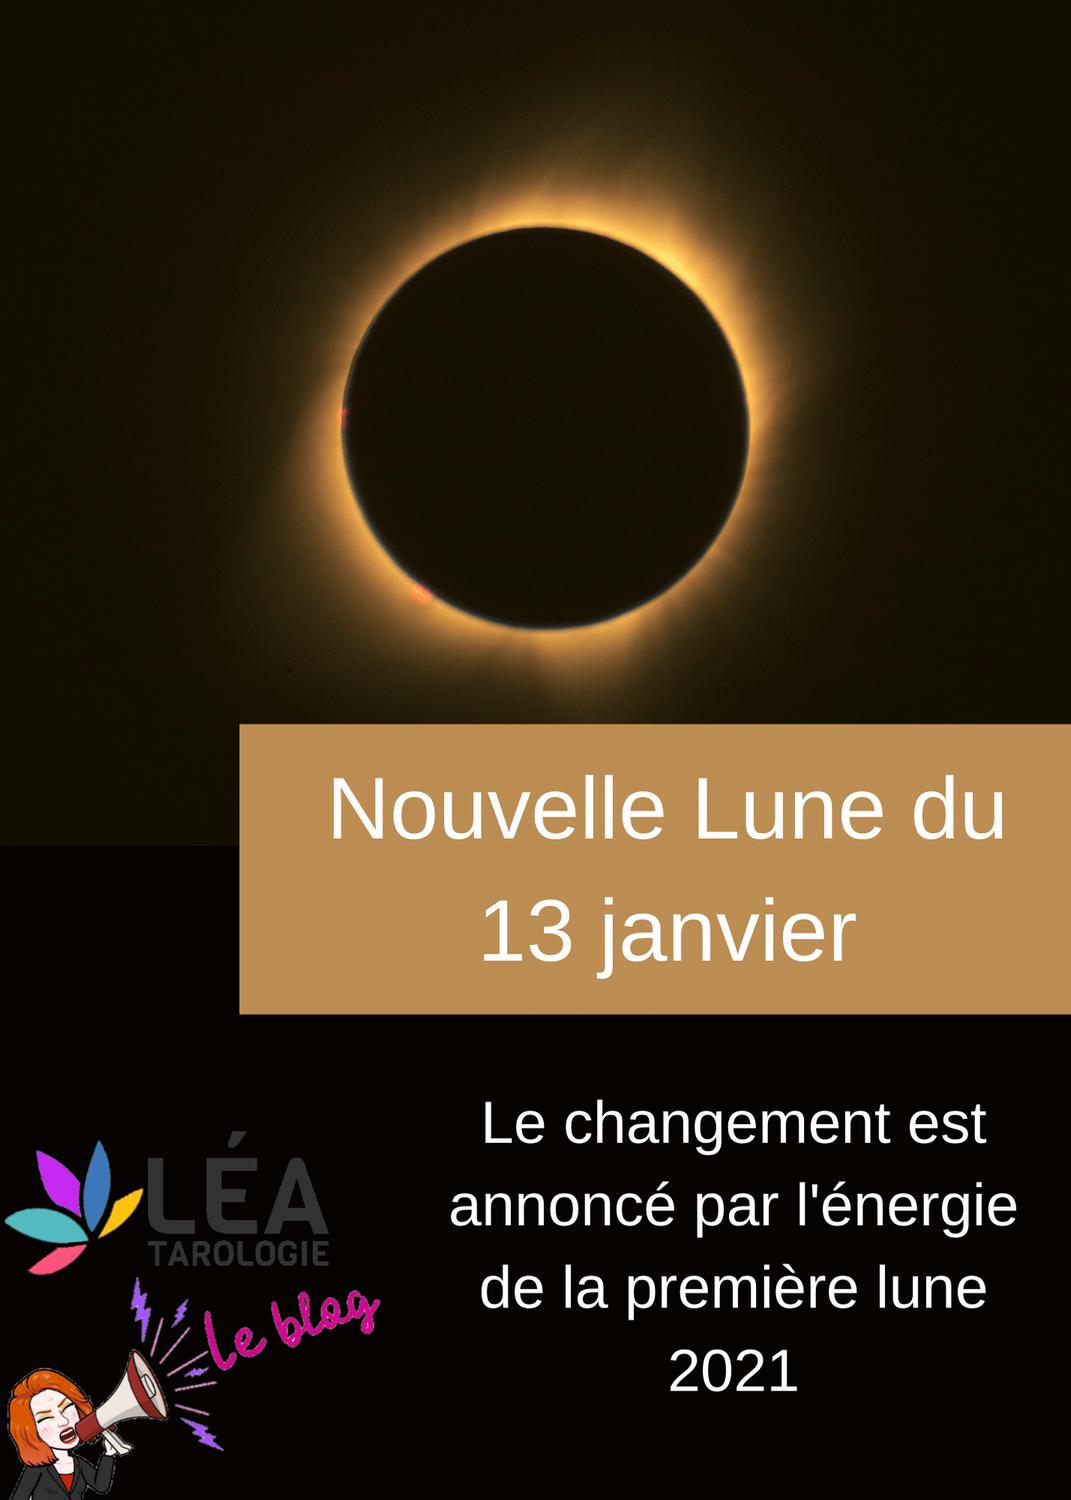 Changements - énergies de la nouvelle lune de janvier 2021